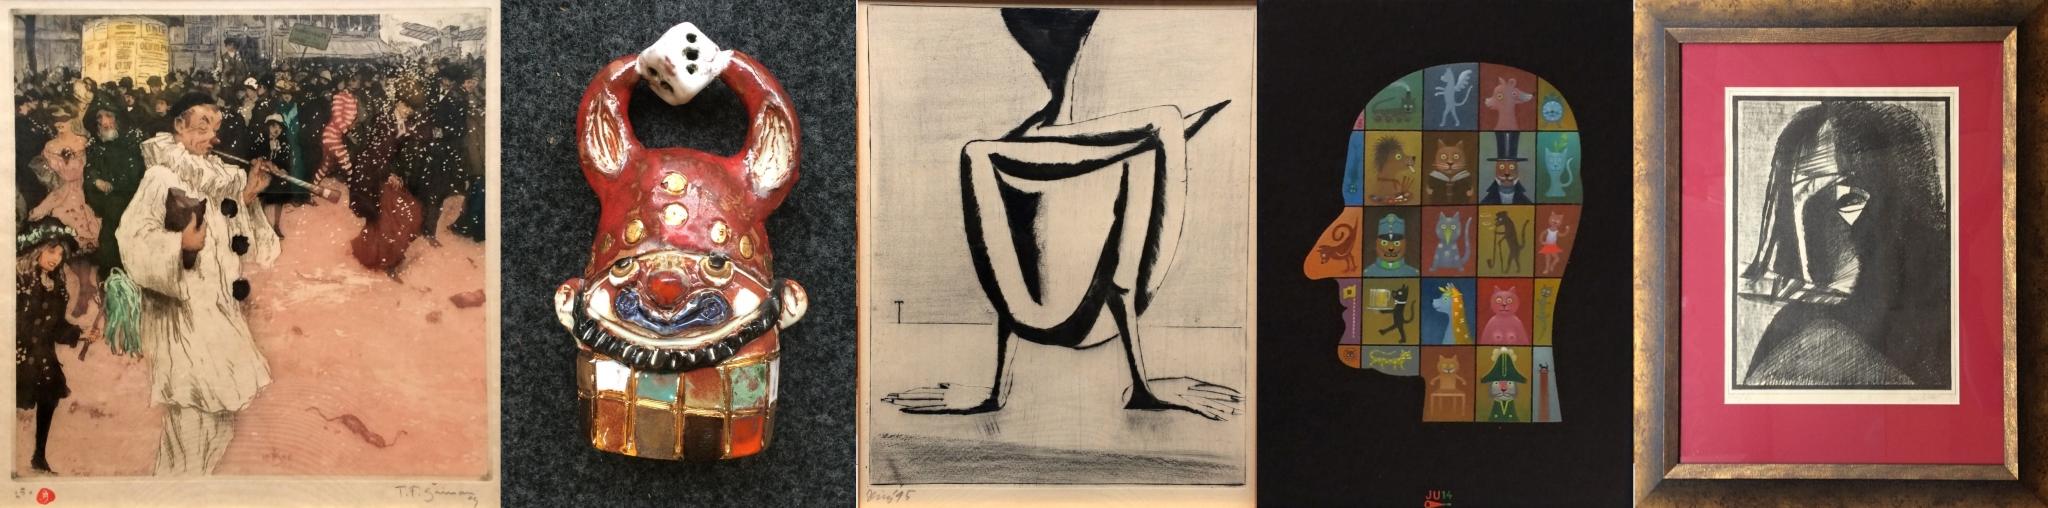 Česká tvorba XX. století a současná tvorba obrazy, kresby, grafiky a plastika